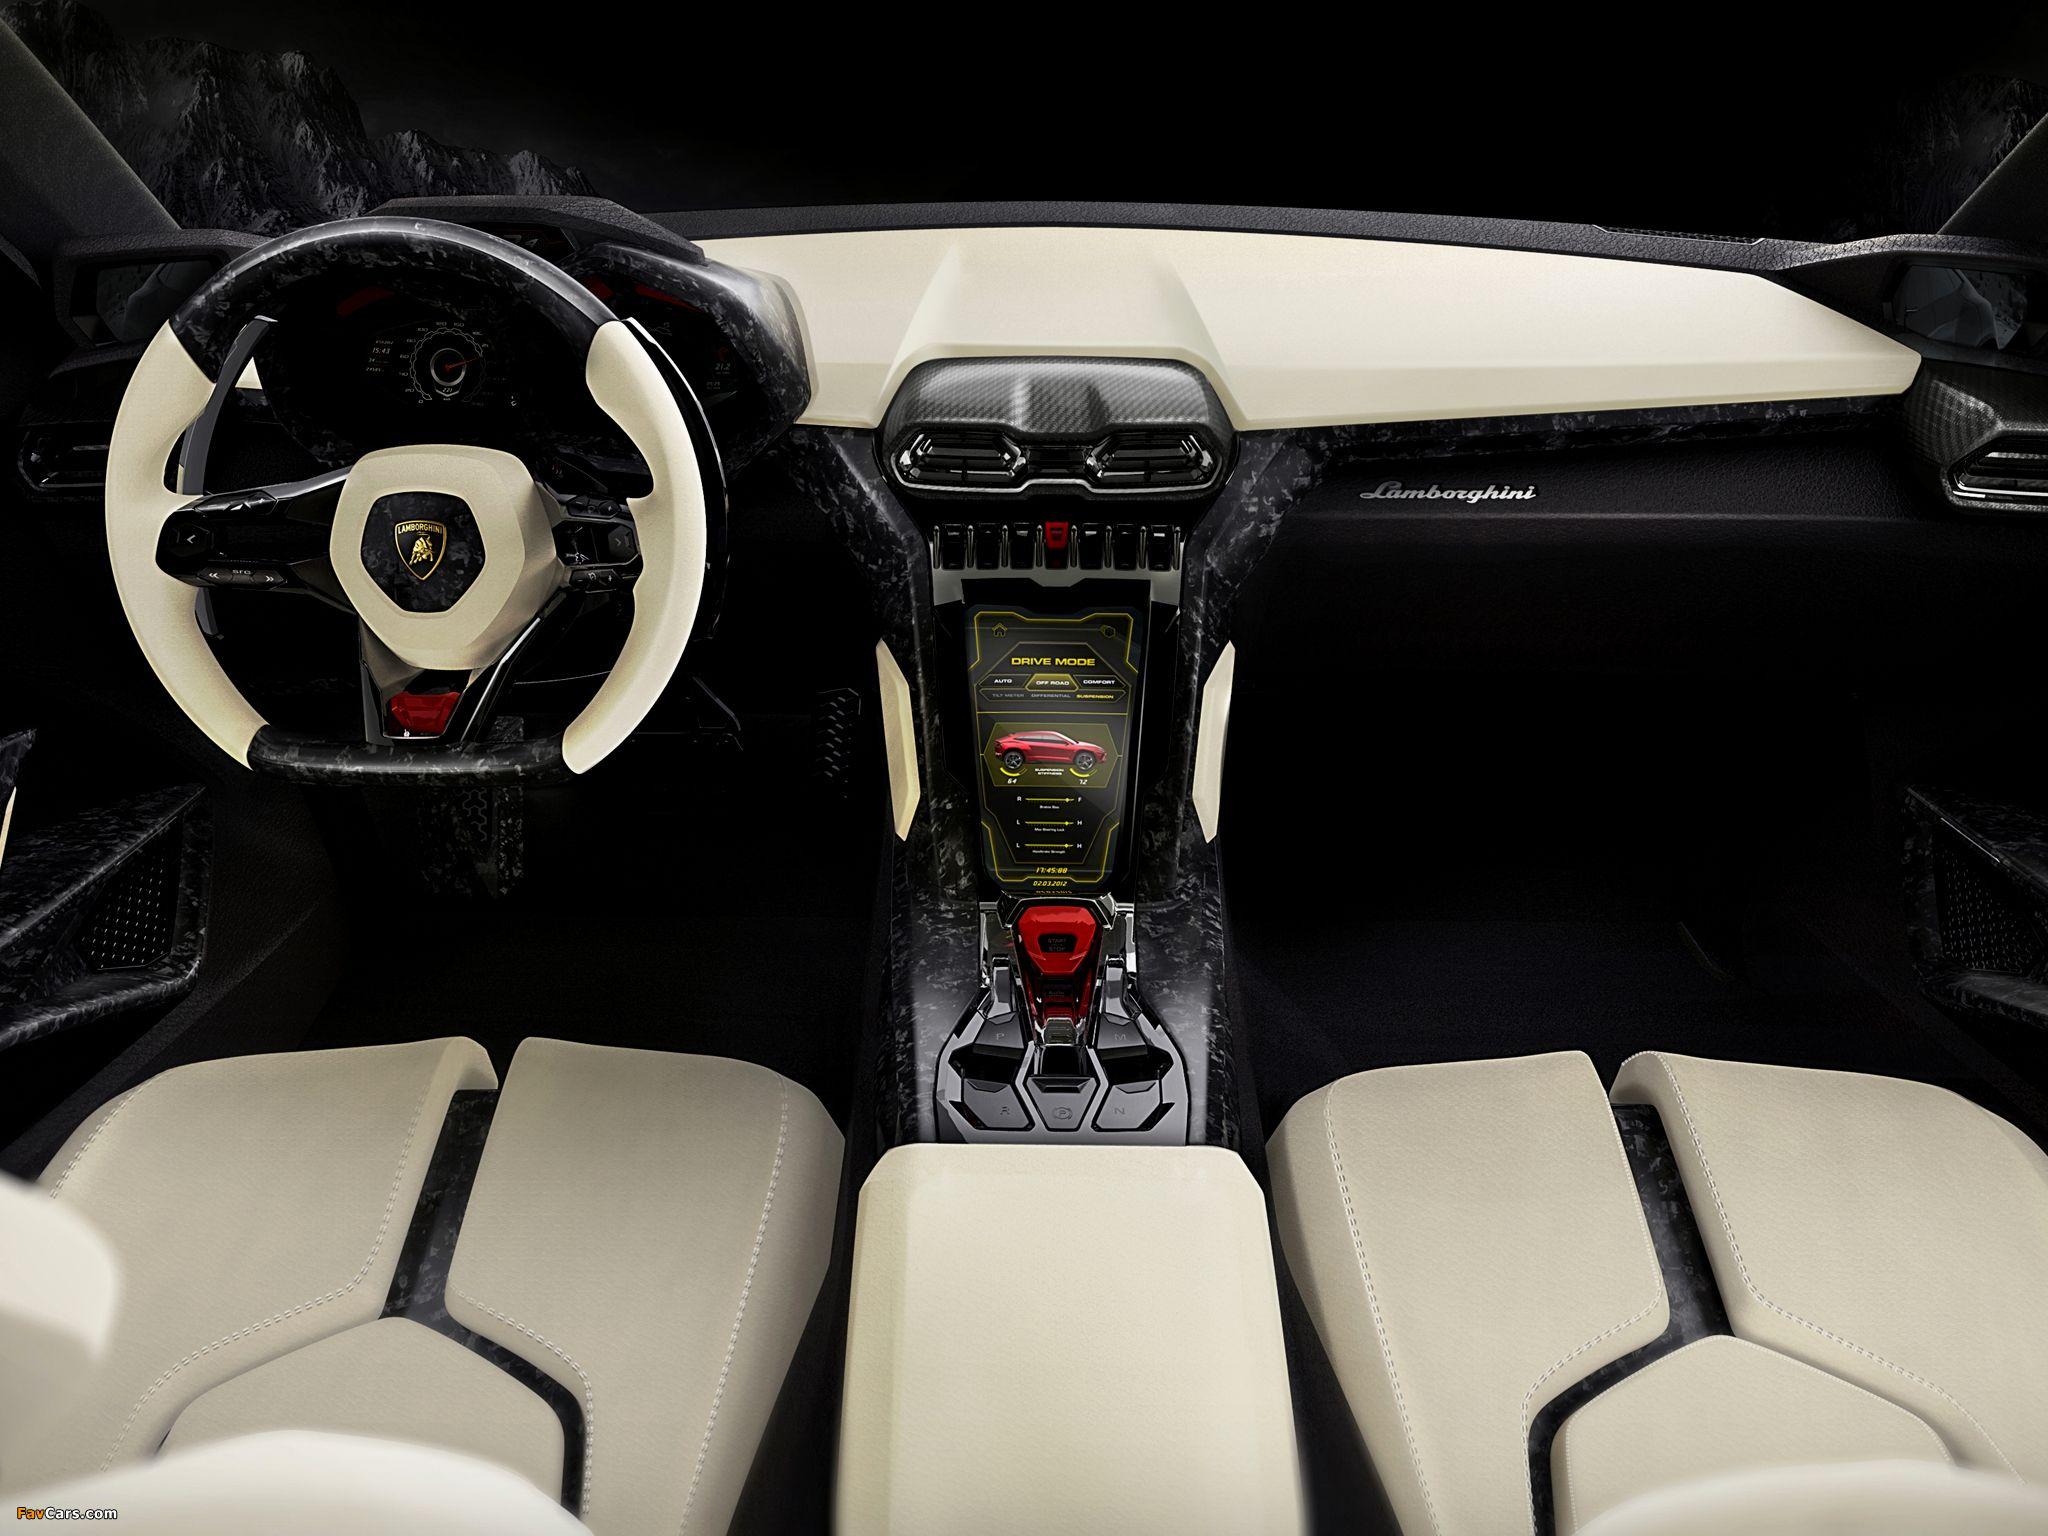 Wonderful Lamborghini